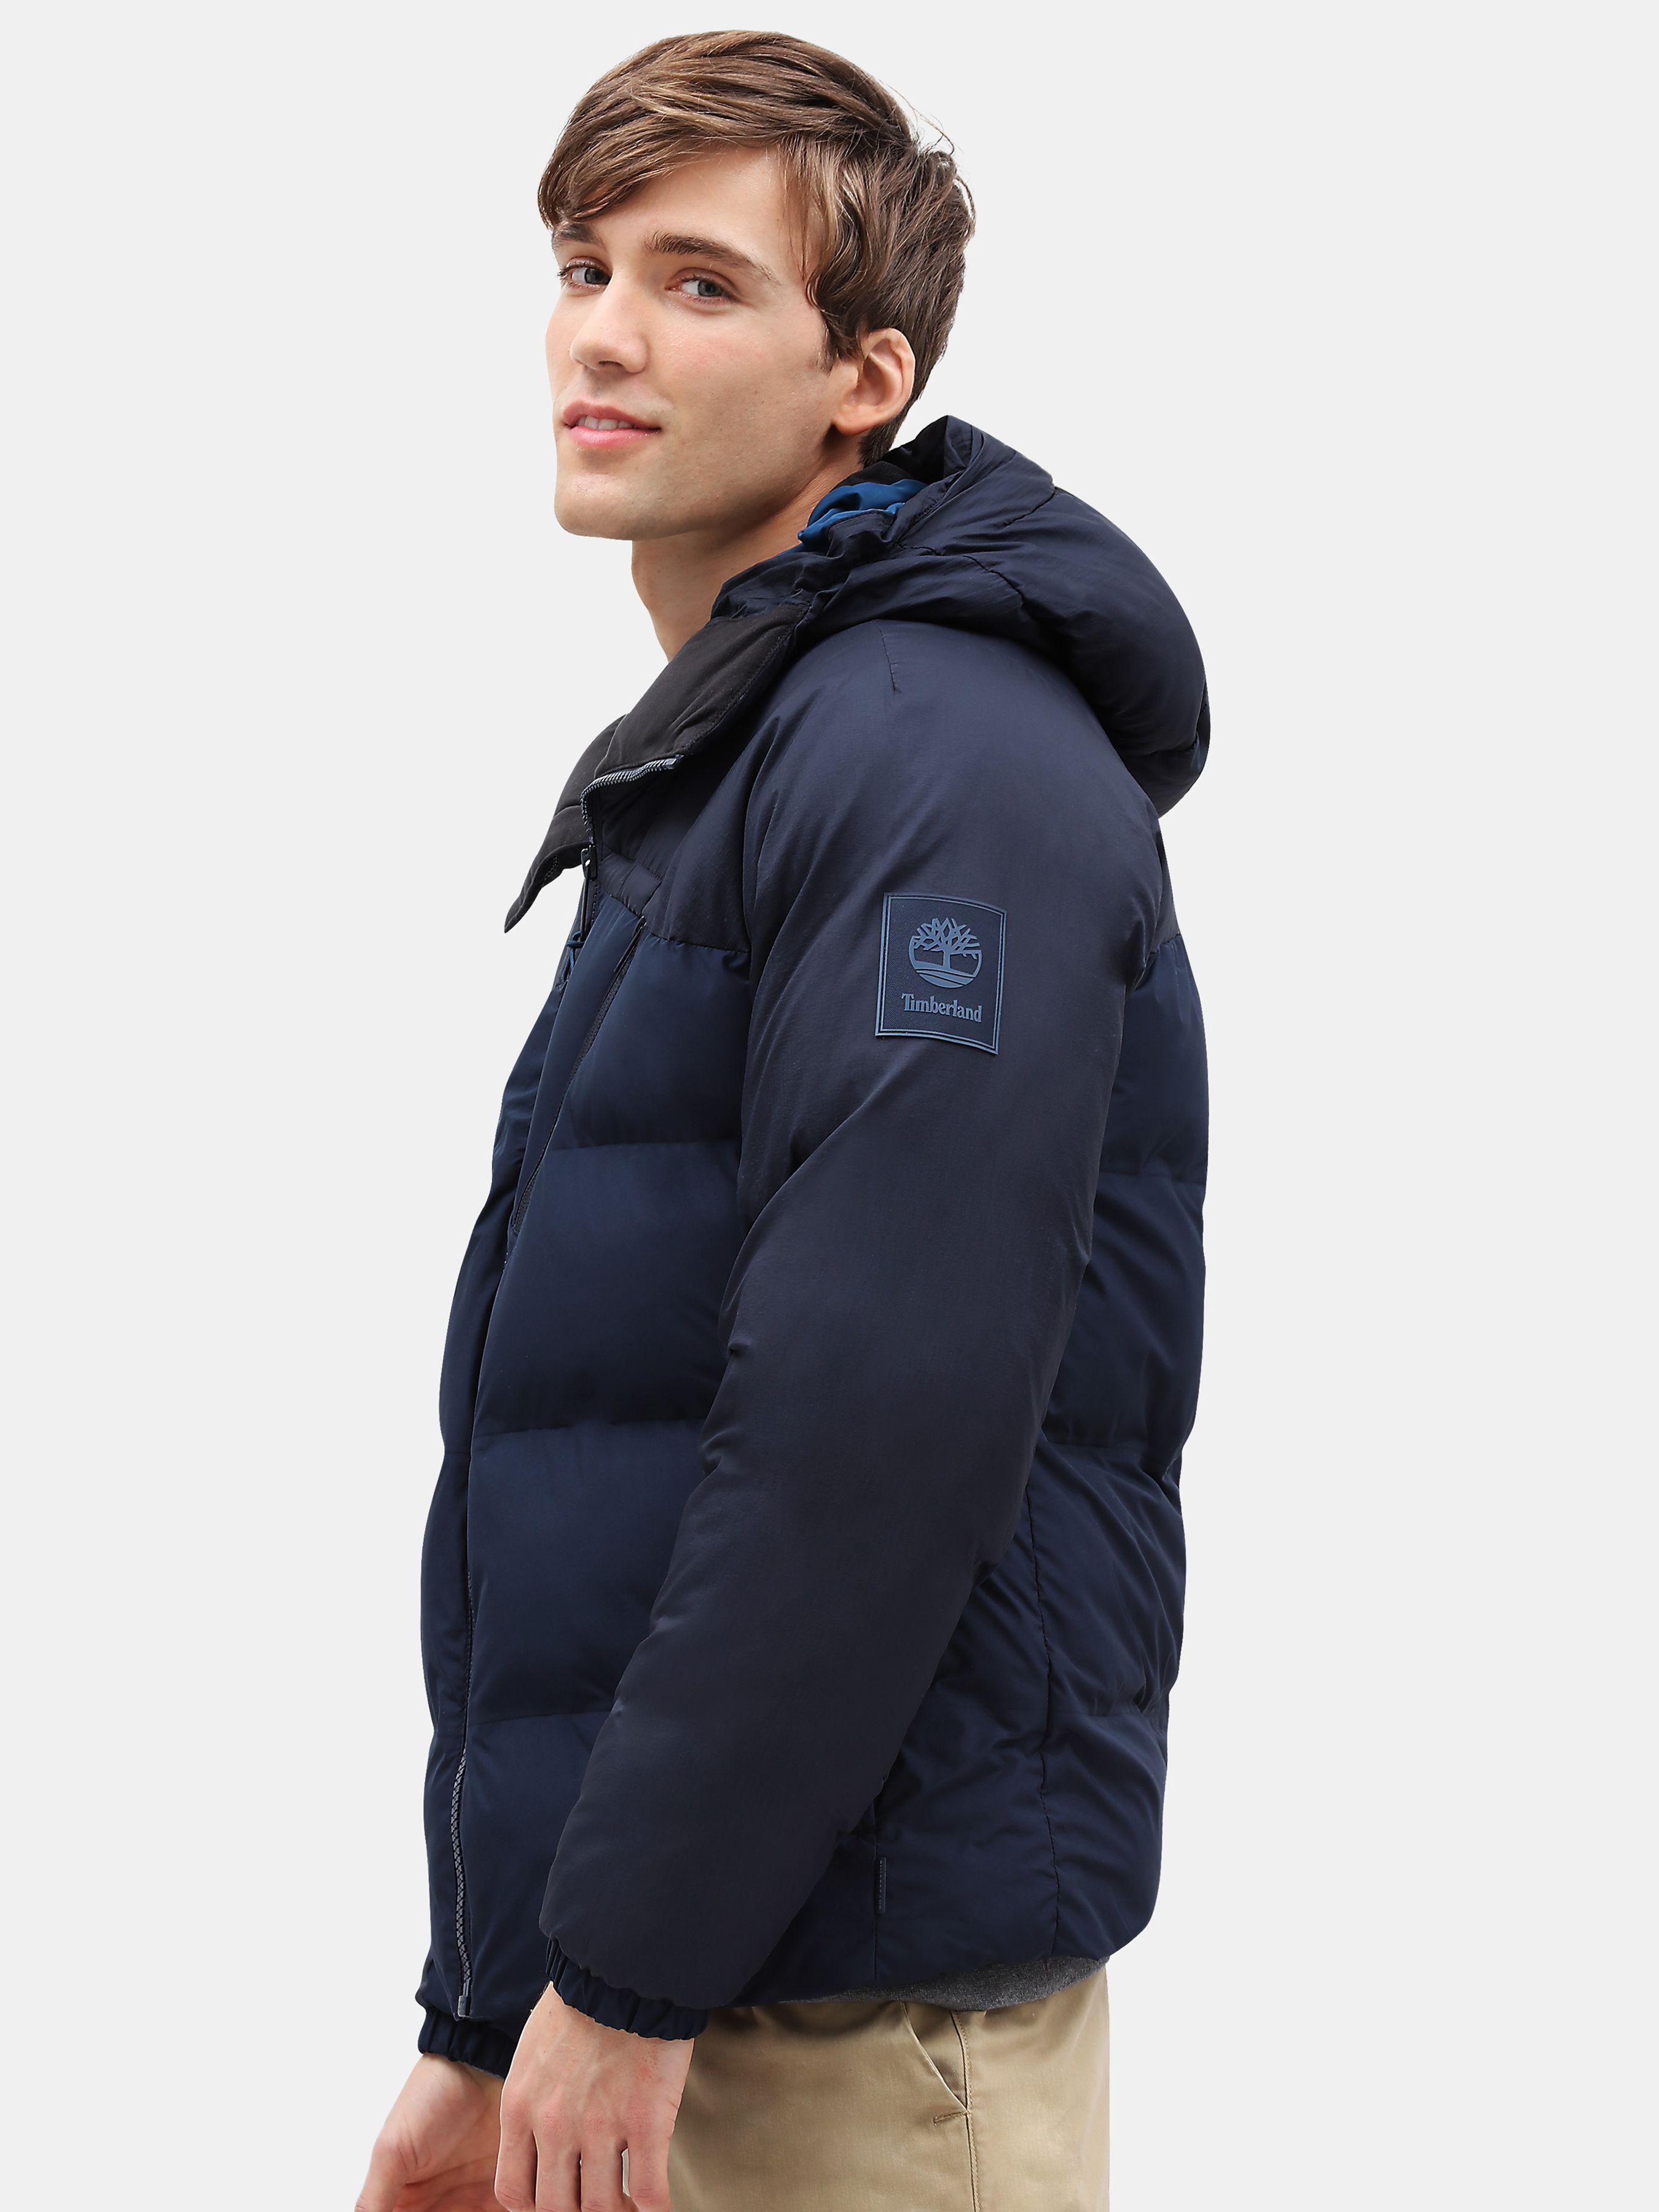 Куртка мужские модель TH5676, Timberland, Синий  - купить со скидкой